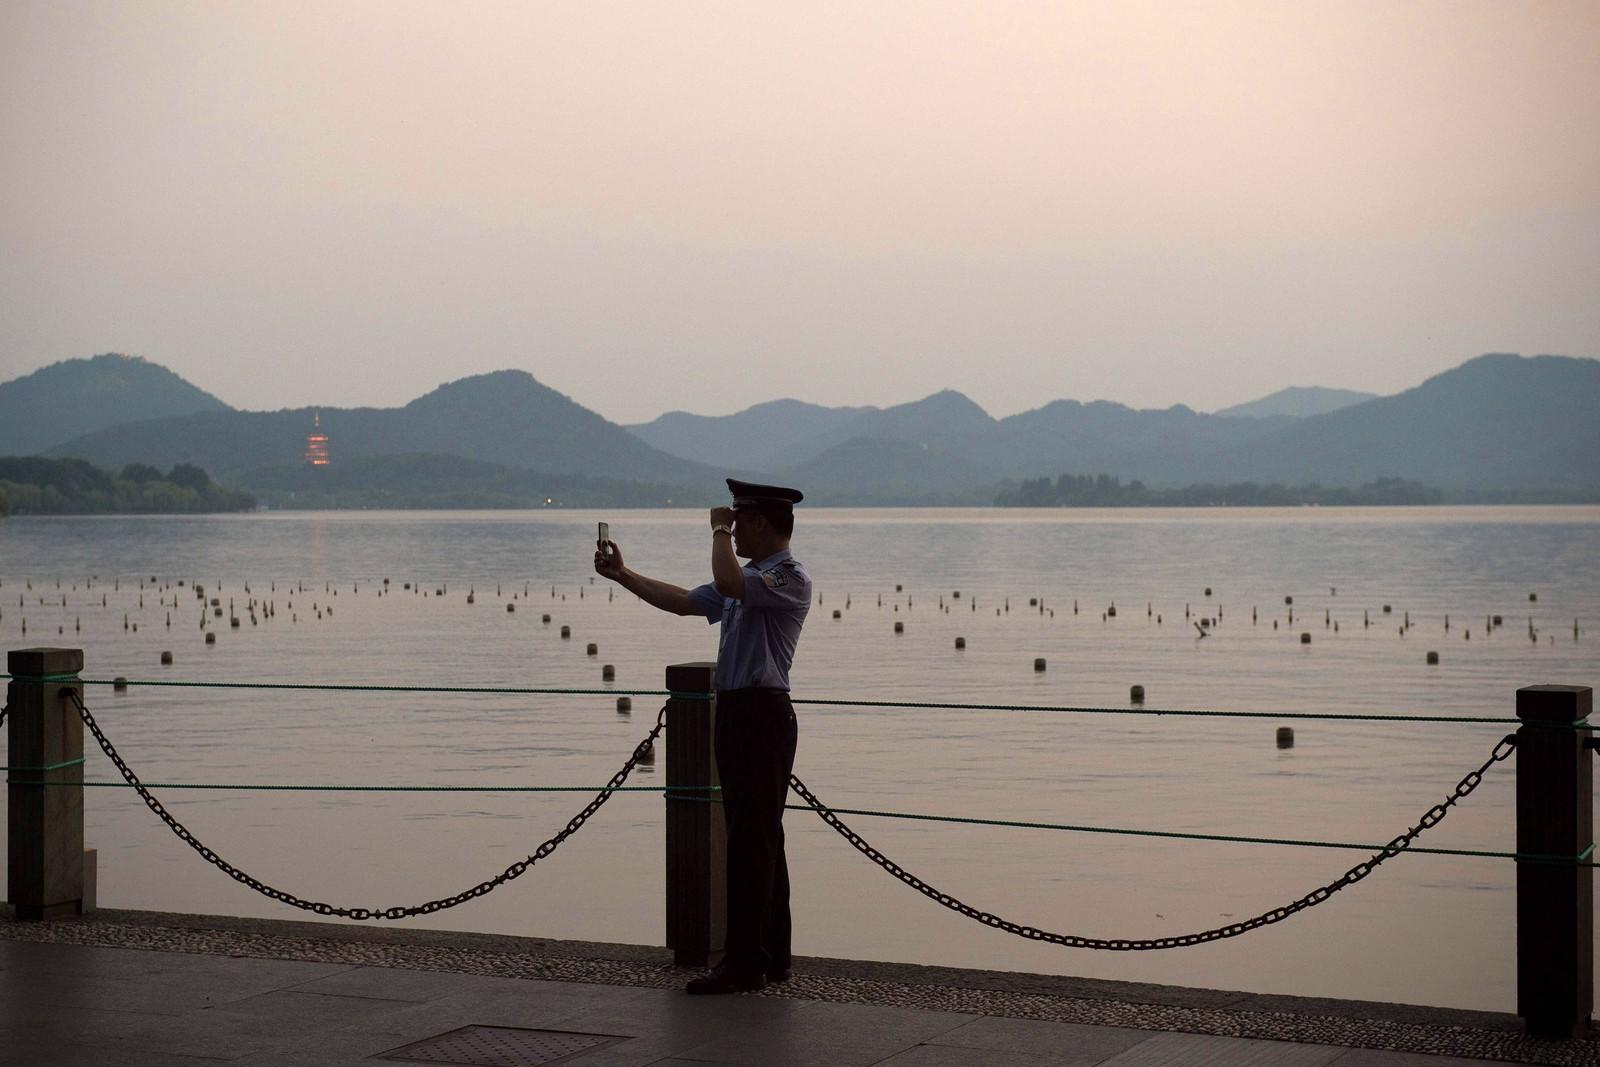 En politimann tar en selfie mens han overvåker et område i Hangzhou i Kina den 2. september. Fabrikker er stengt for at man skal kunne se en blå himmel, potensielle bråkmakere er stengt inne, og befolkningen skal ha blitt oppfordret til å ta knekken på plagsomme fluer, kakerlakker, gnagere og mygg. Alt dette for at byen skal ta seg godt ut når verdensledere fra de største økonomiene skal delta på G20-toppmøtet.